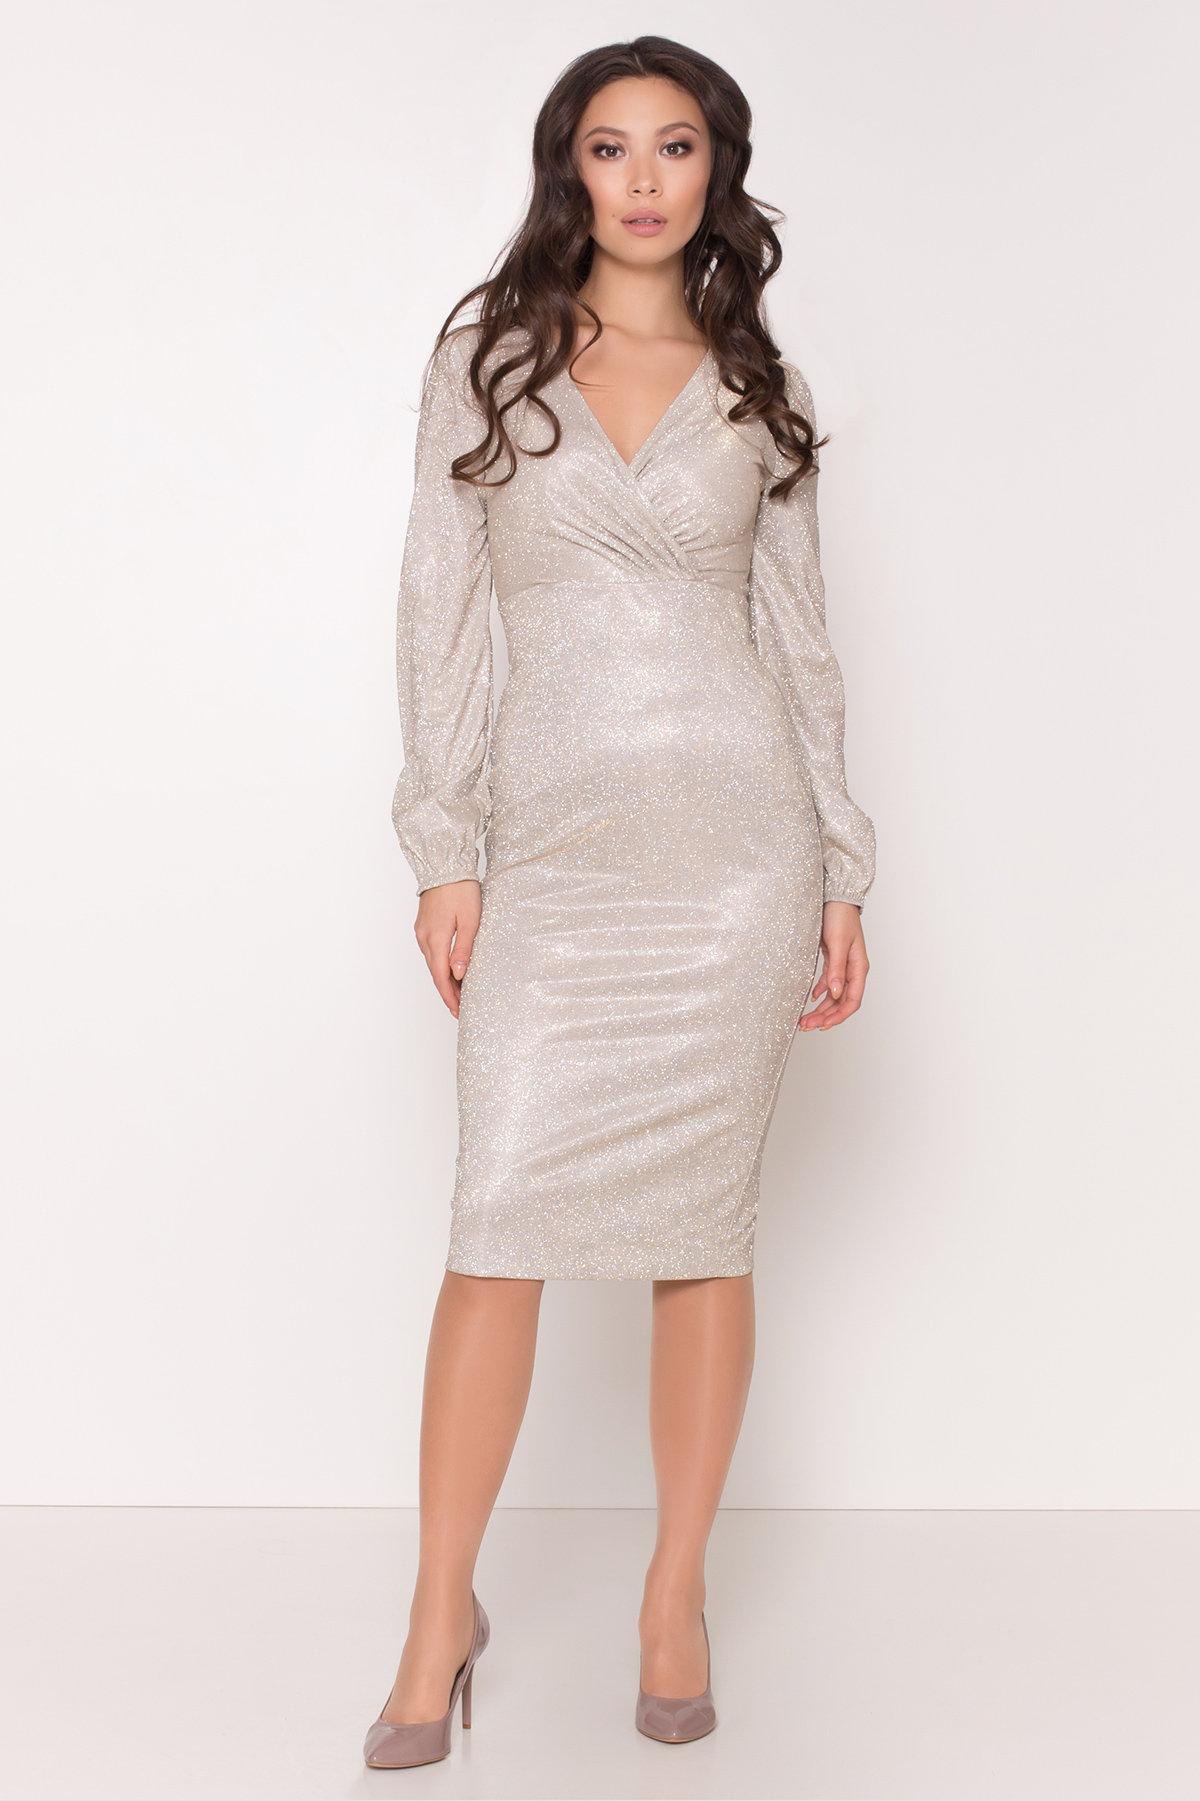 Нарядное платье с люрексом Фаселис 8527 АРТ. 44895 Цвет: Серебро/золото - фото 3, интернет магазин tm-modus.ru